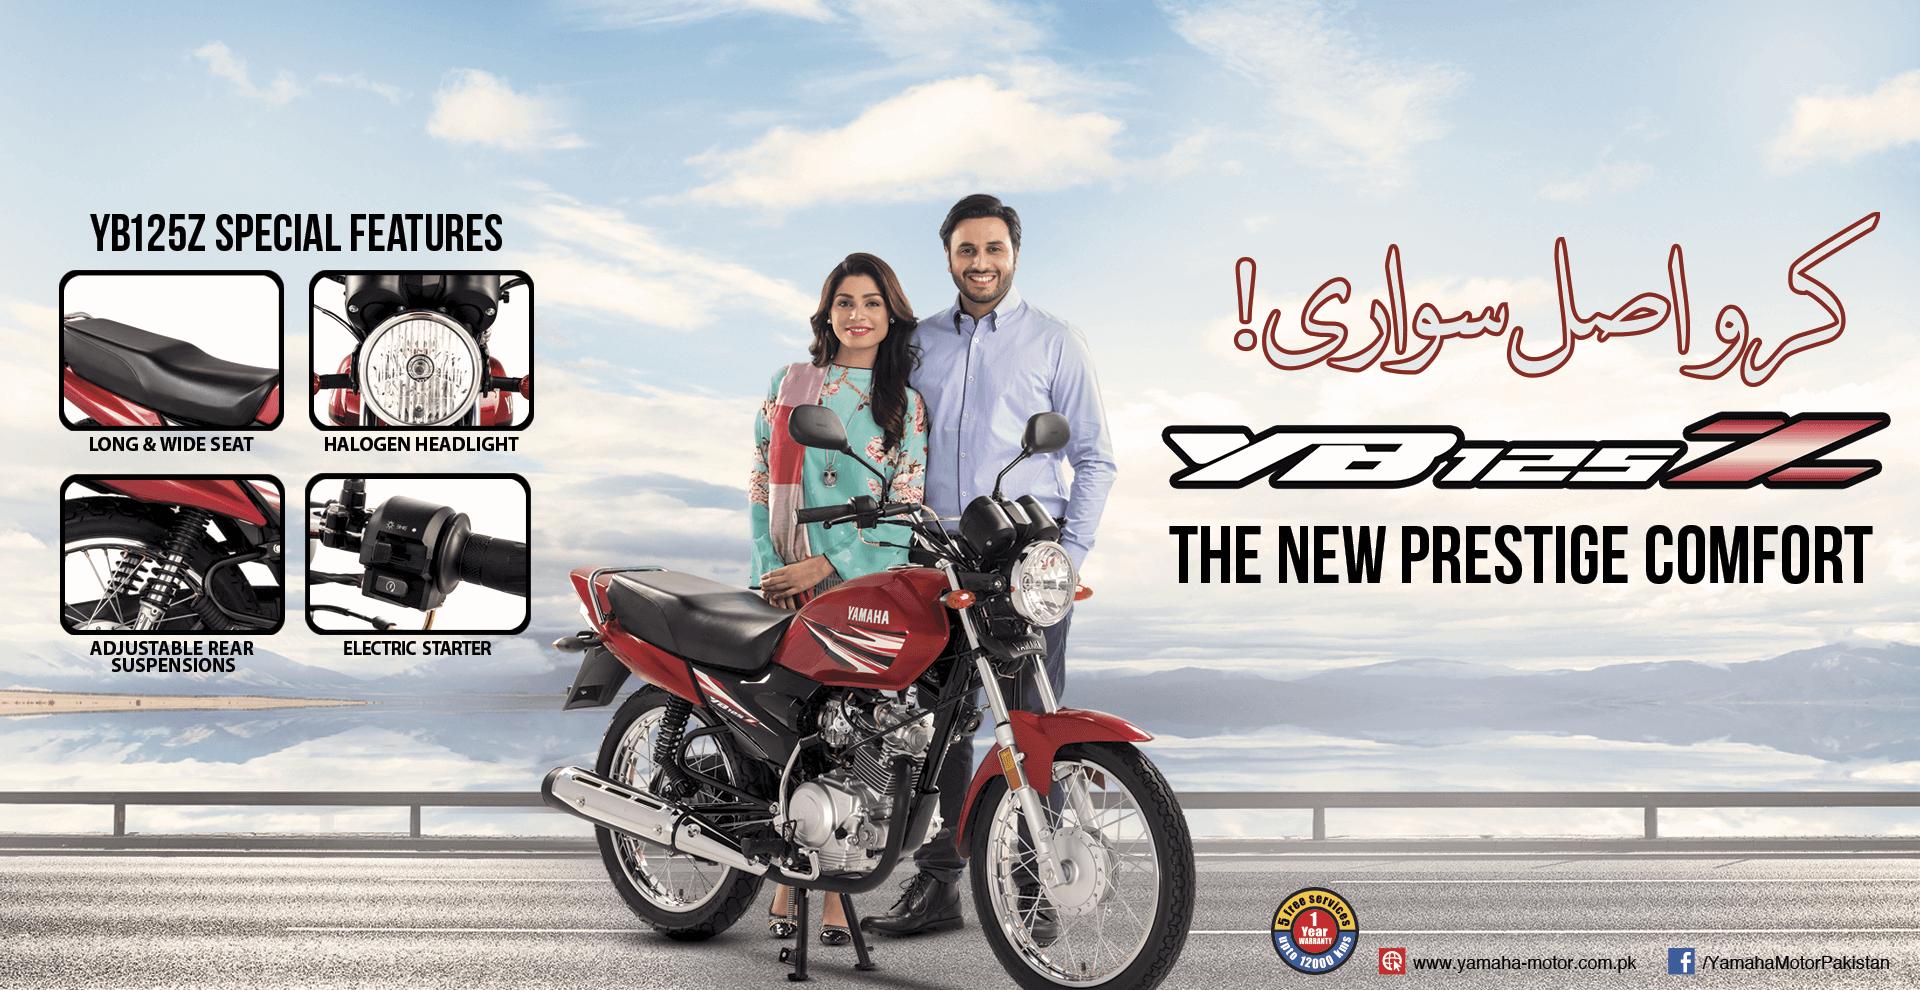 yamaha motor pakistan official website of yamaha motor